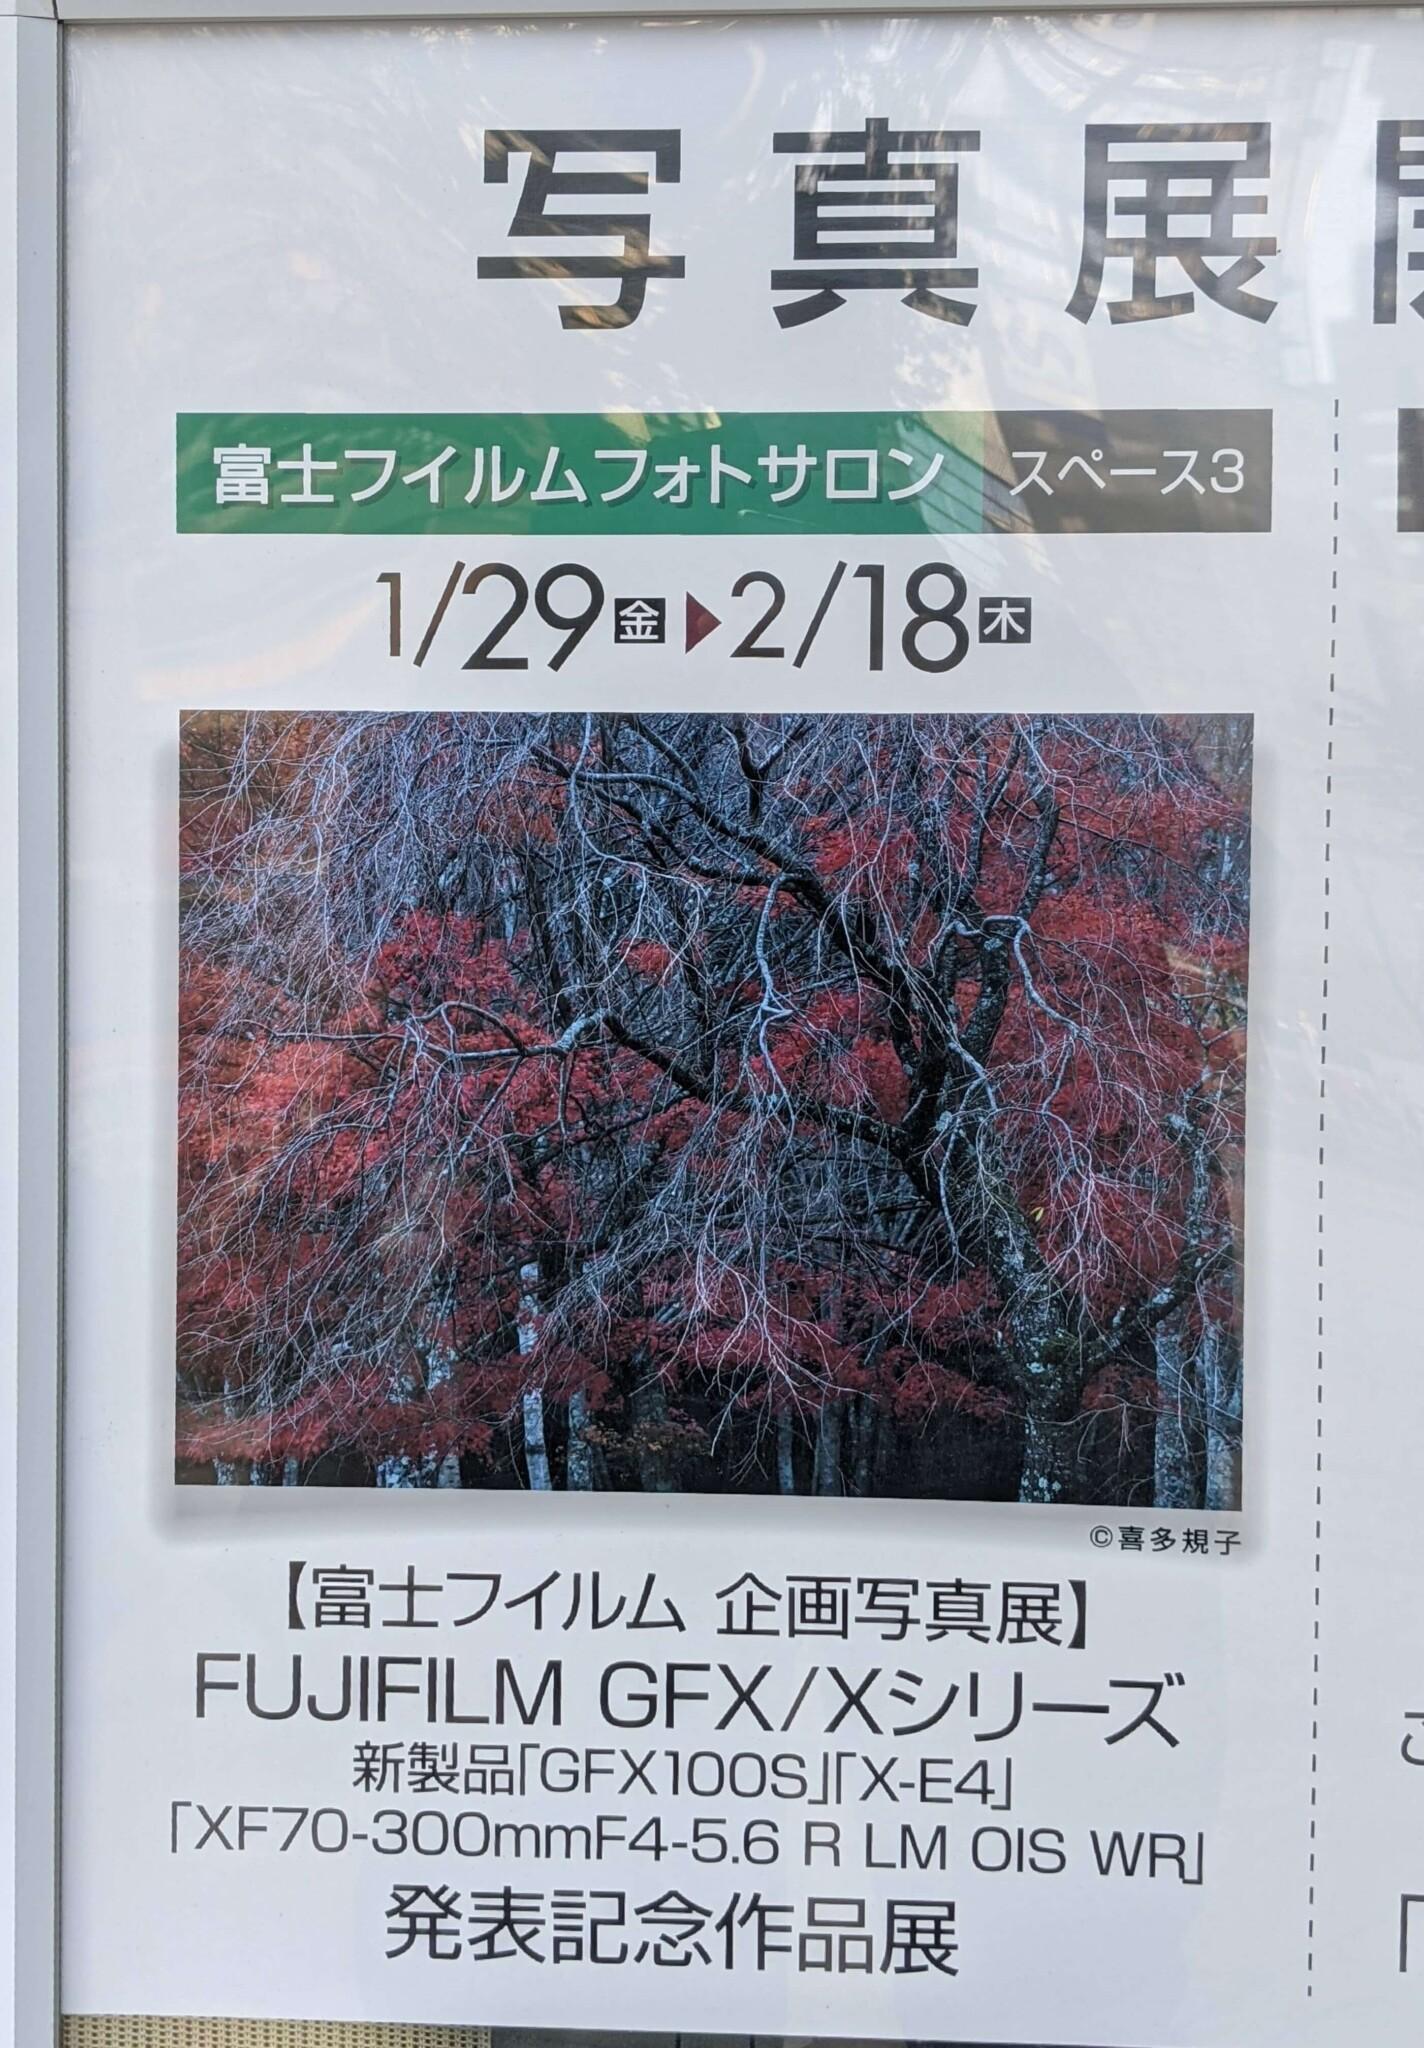 FUJIFILM GFX/Xシリーズ 新製品「GFX100S」「X-E4」「XF70-300mmF4-5.6 R LM OIS WR」 発表記念作品展